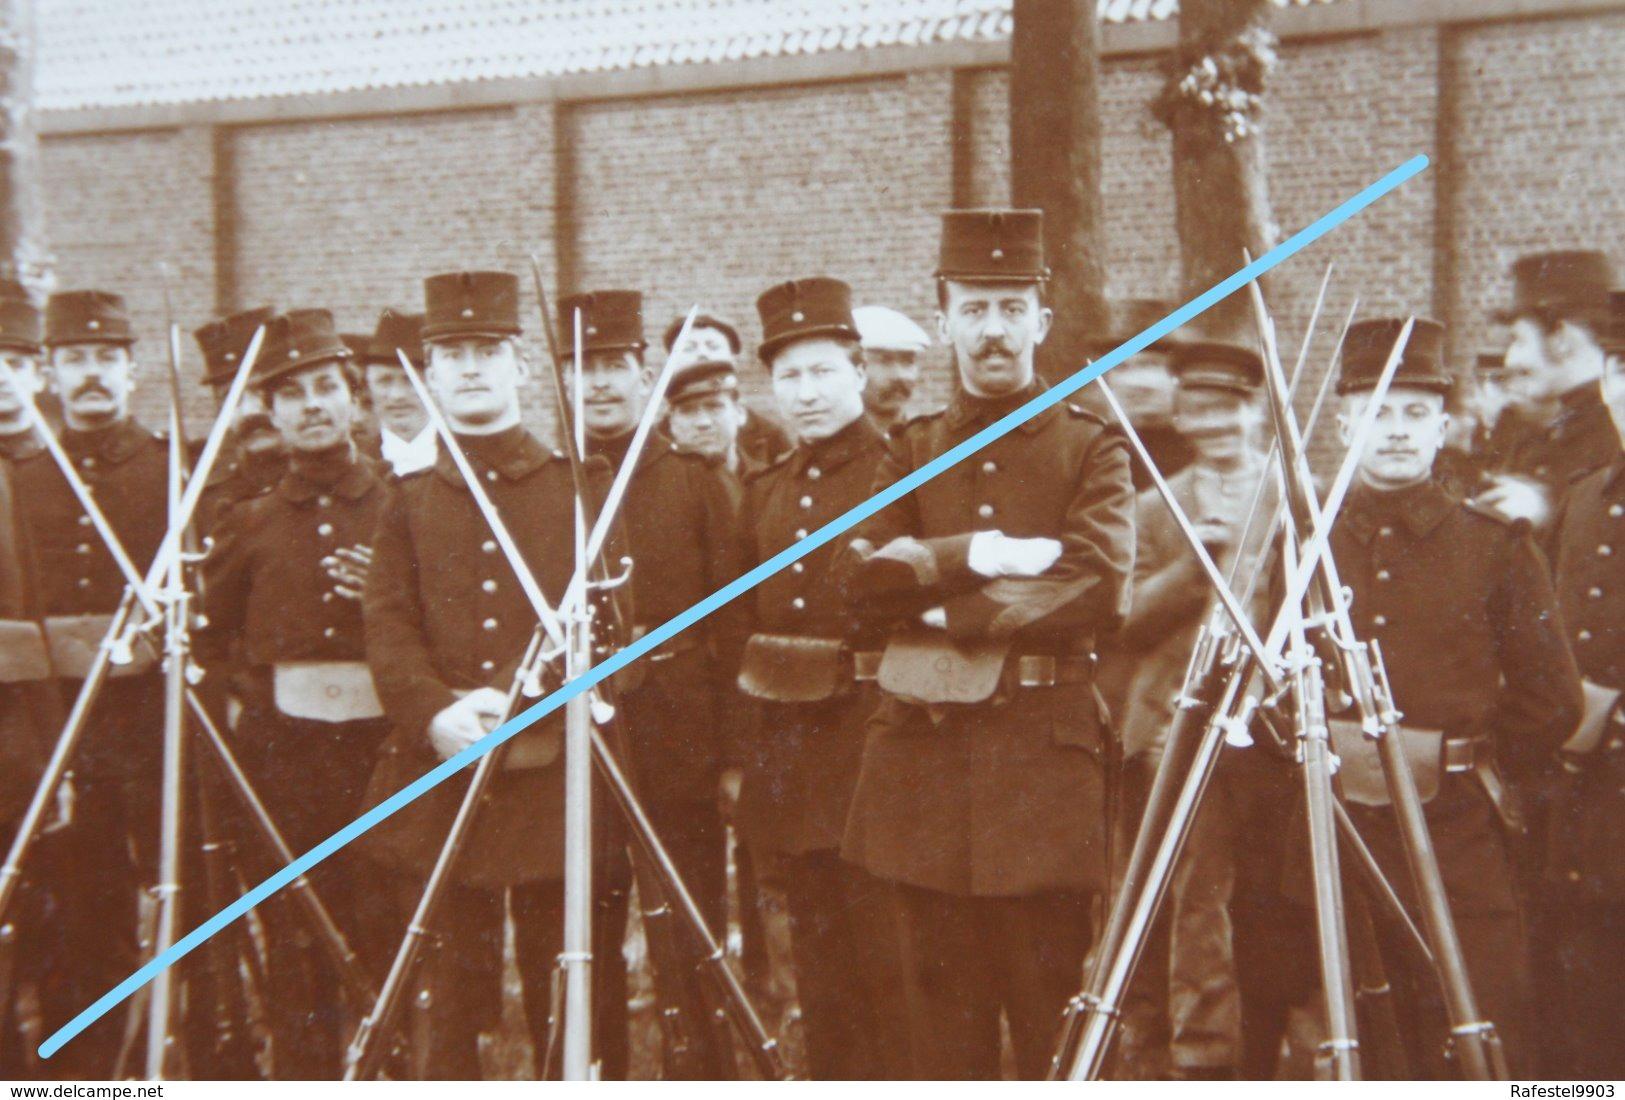 Photox6 ABL Infanterie Belge Exercice De Tir Fusil Fin 19è Début 20è S Militaria Armée Belge Belgische Leger Soldat - Photos